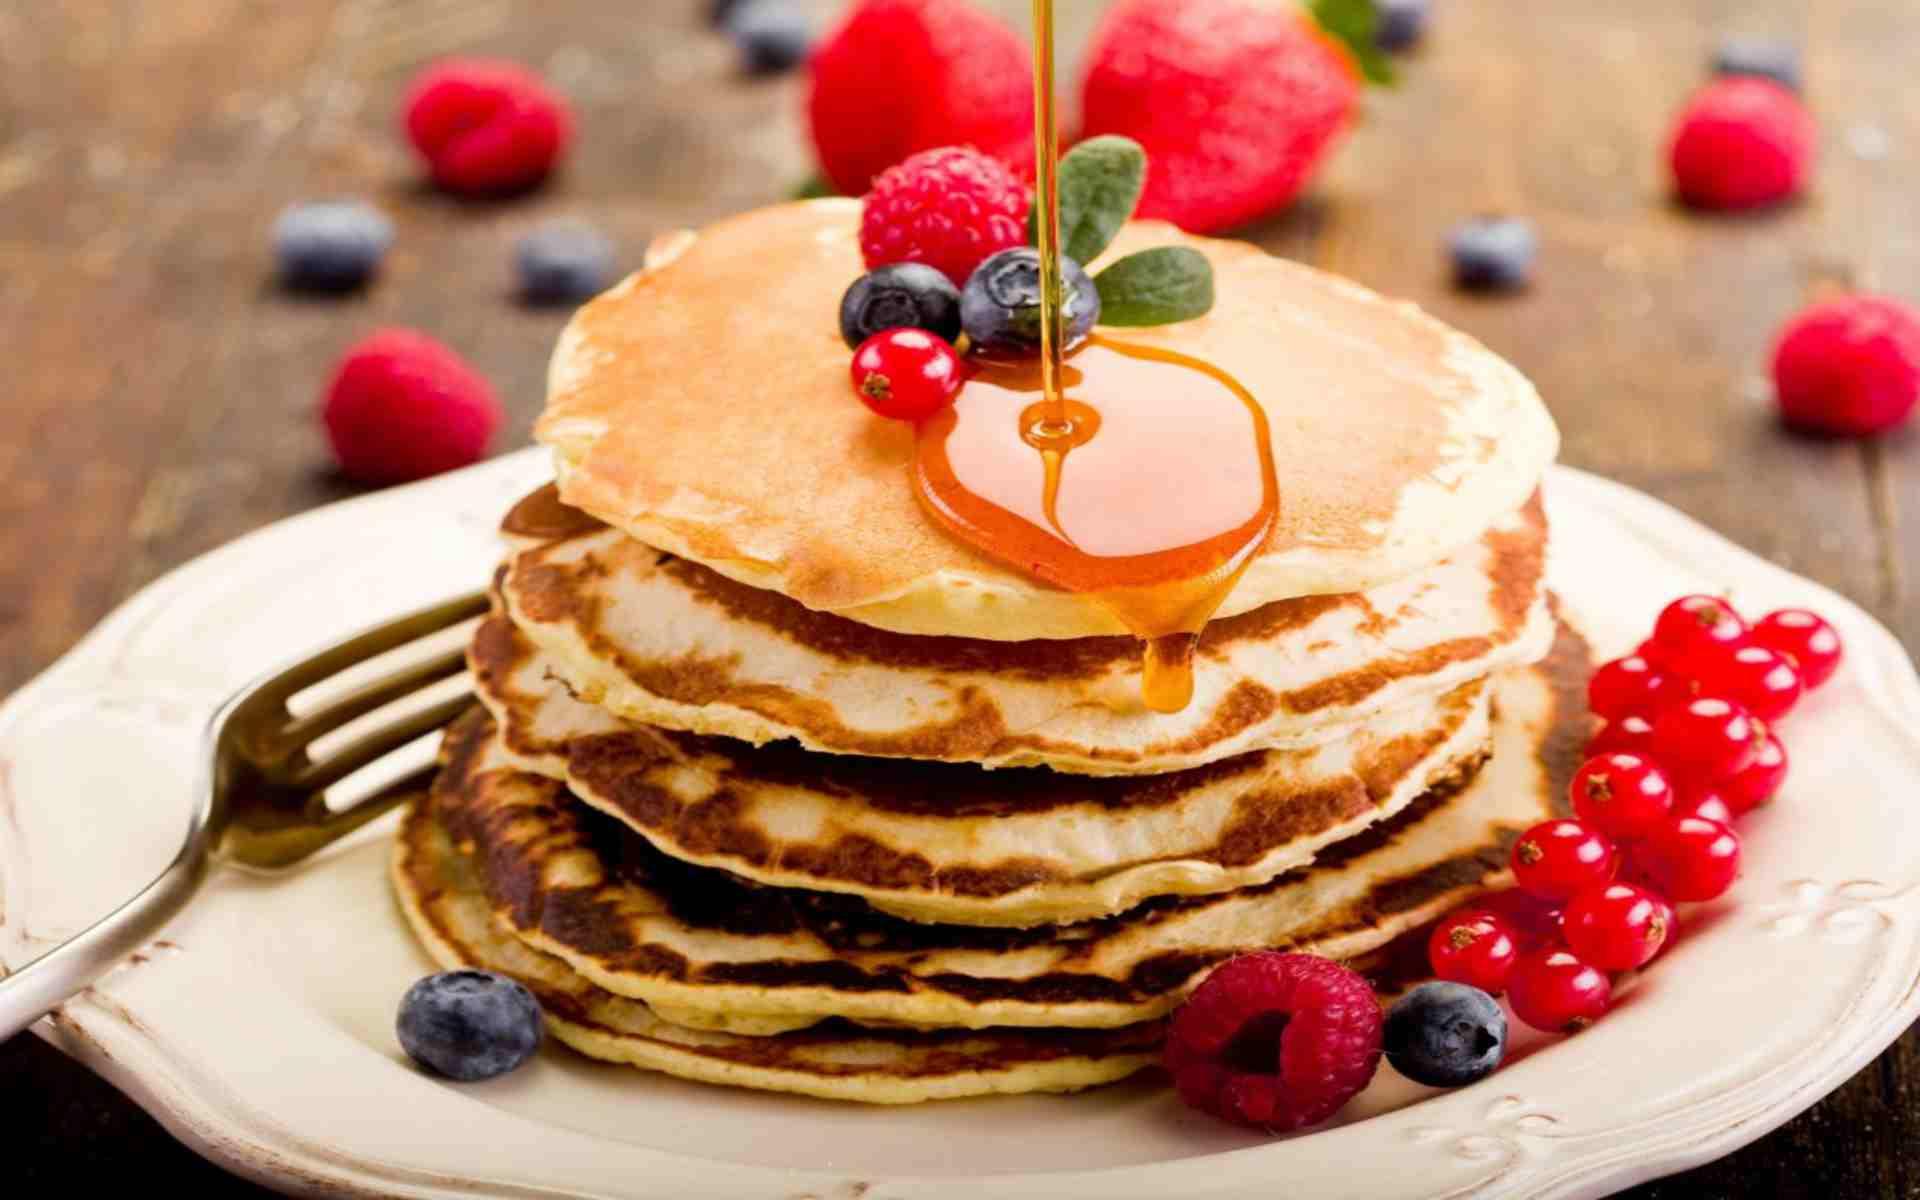 Pancakes Honey Blueberries Berries